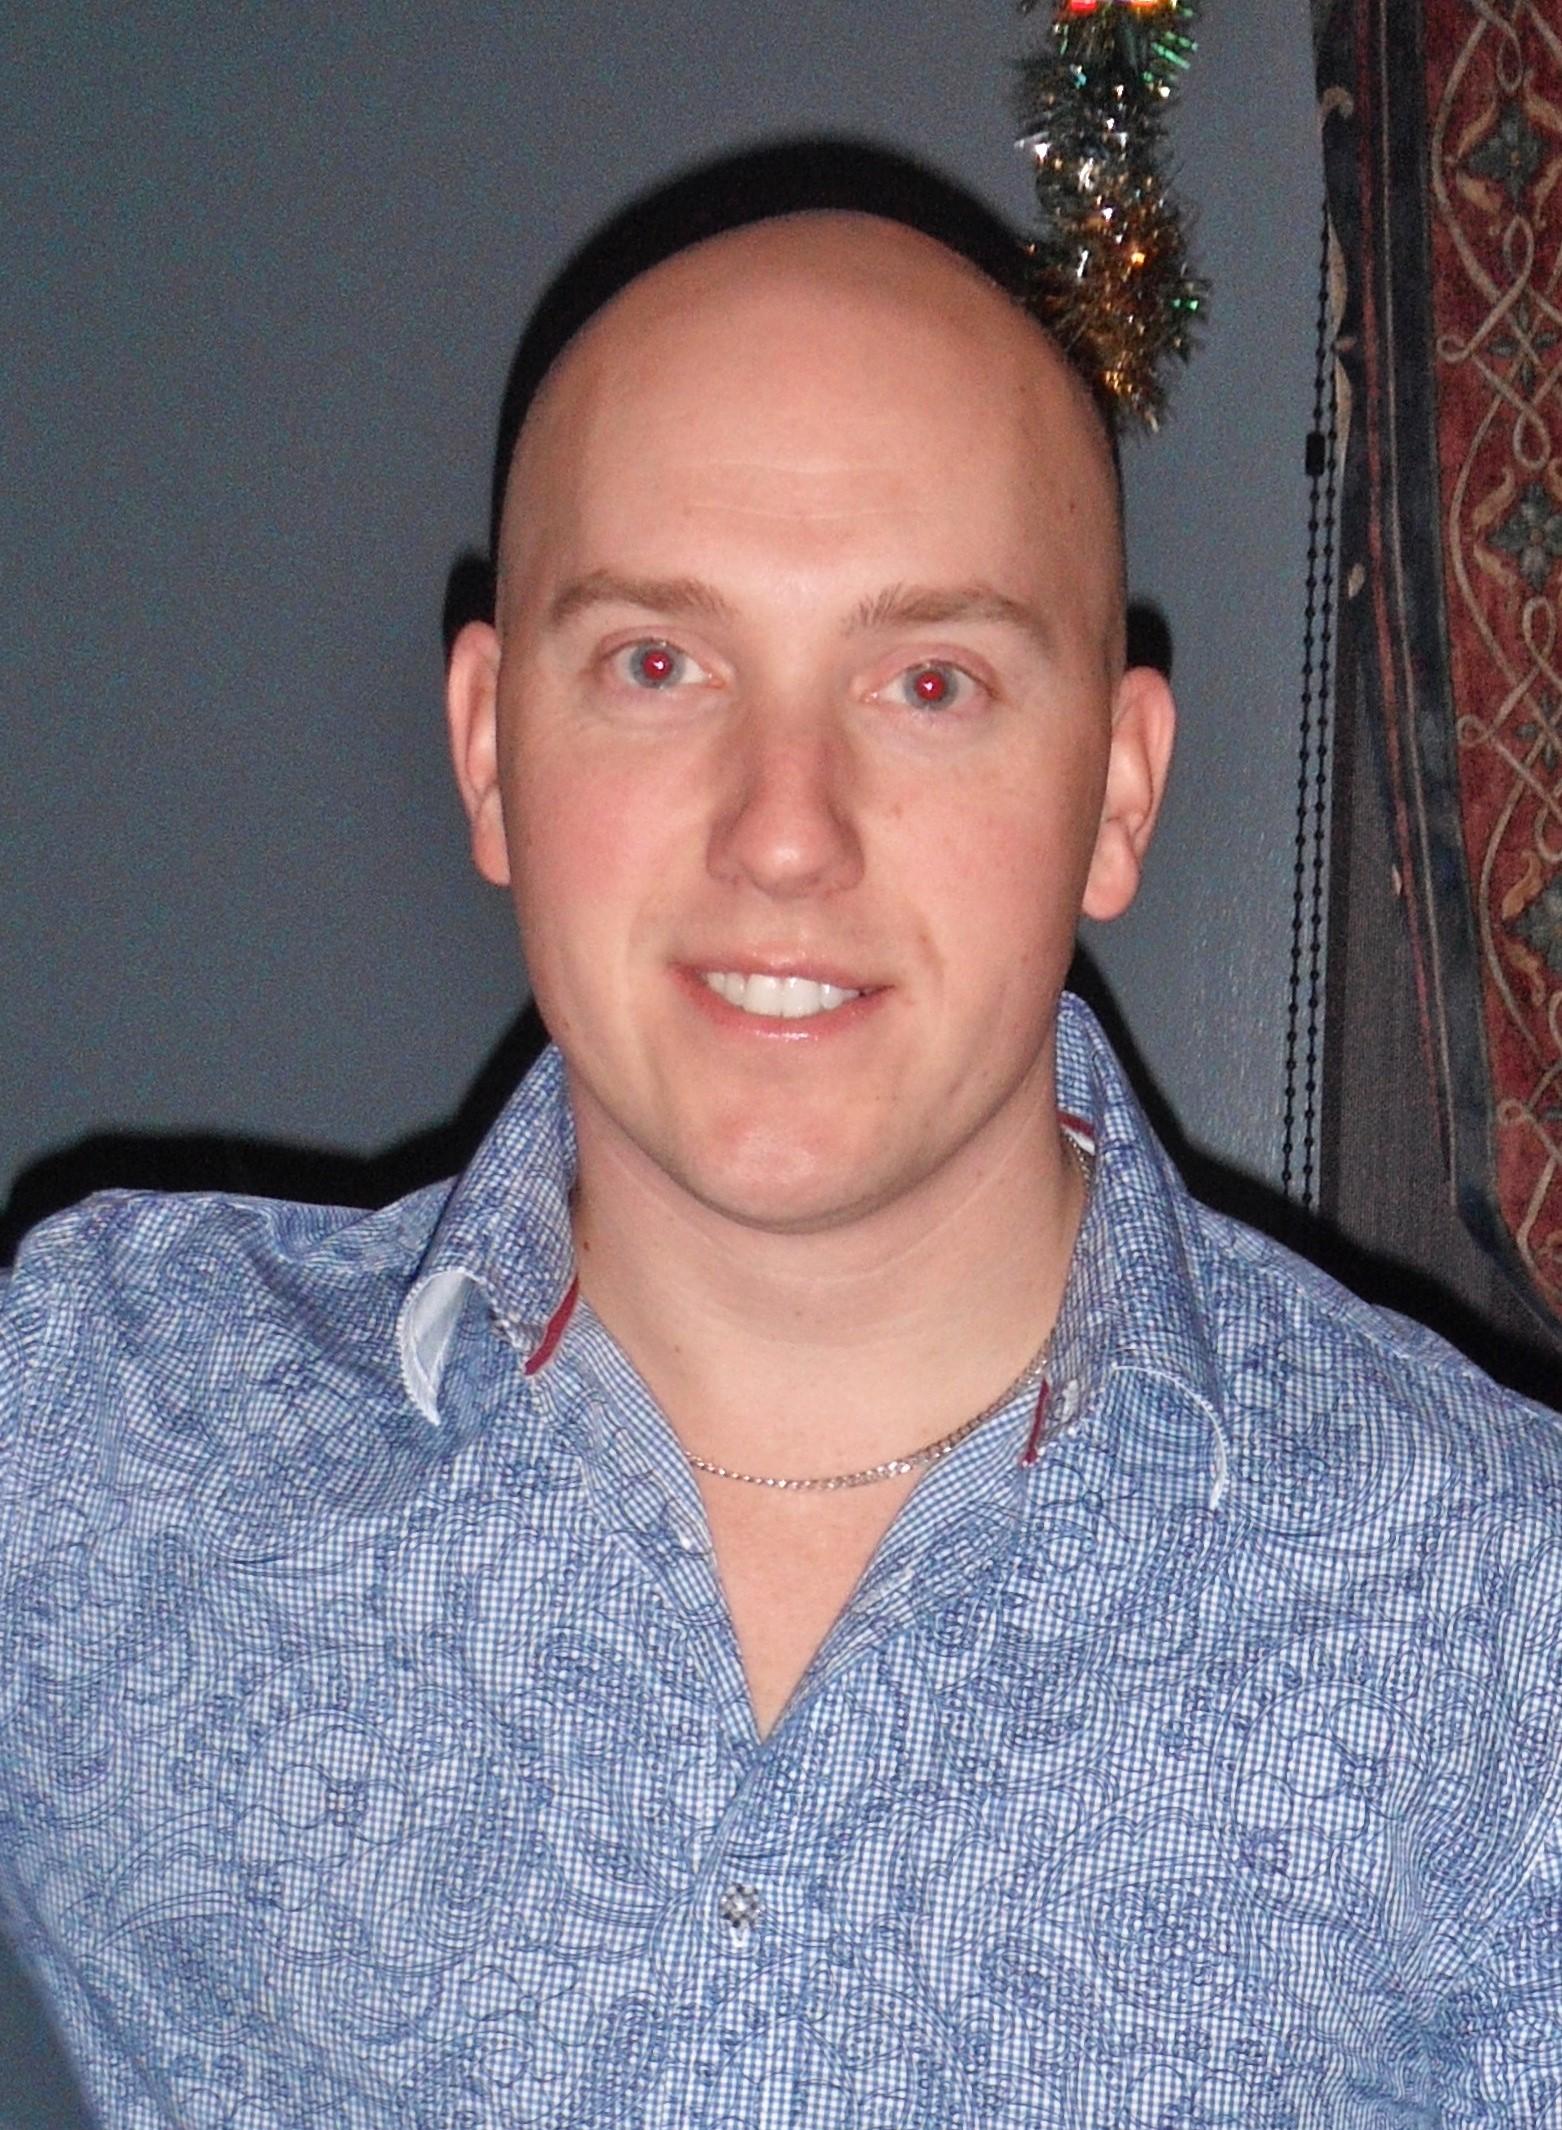 Dominic Pelletier